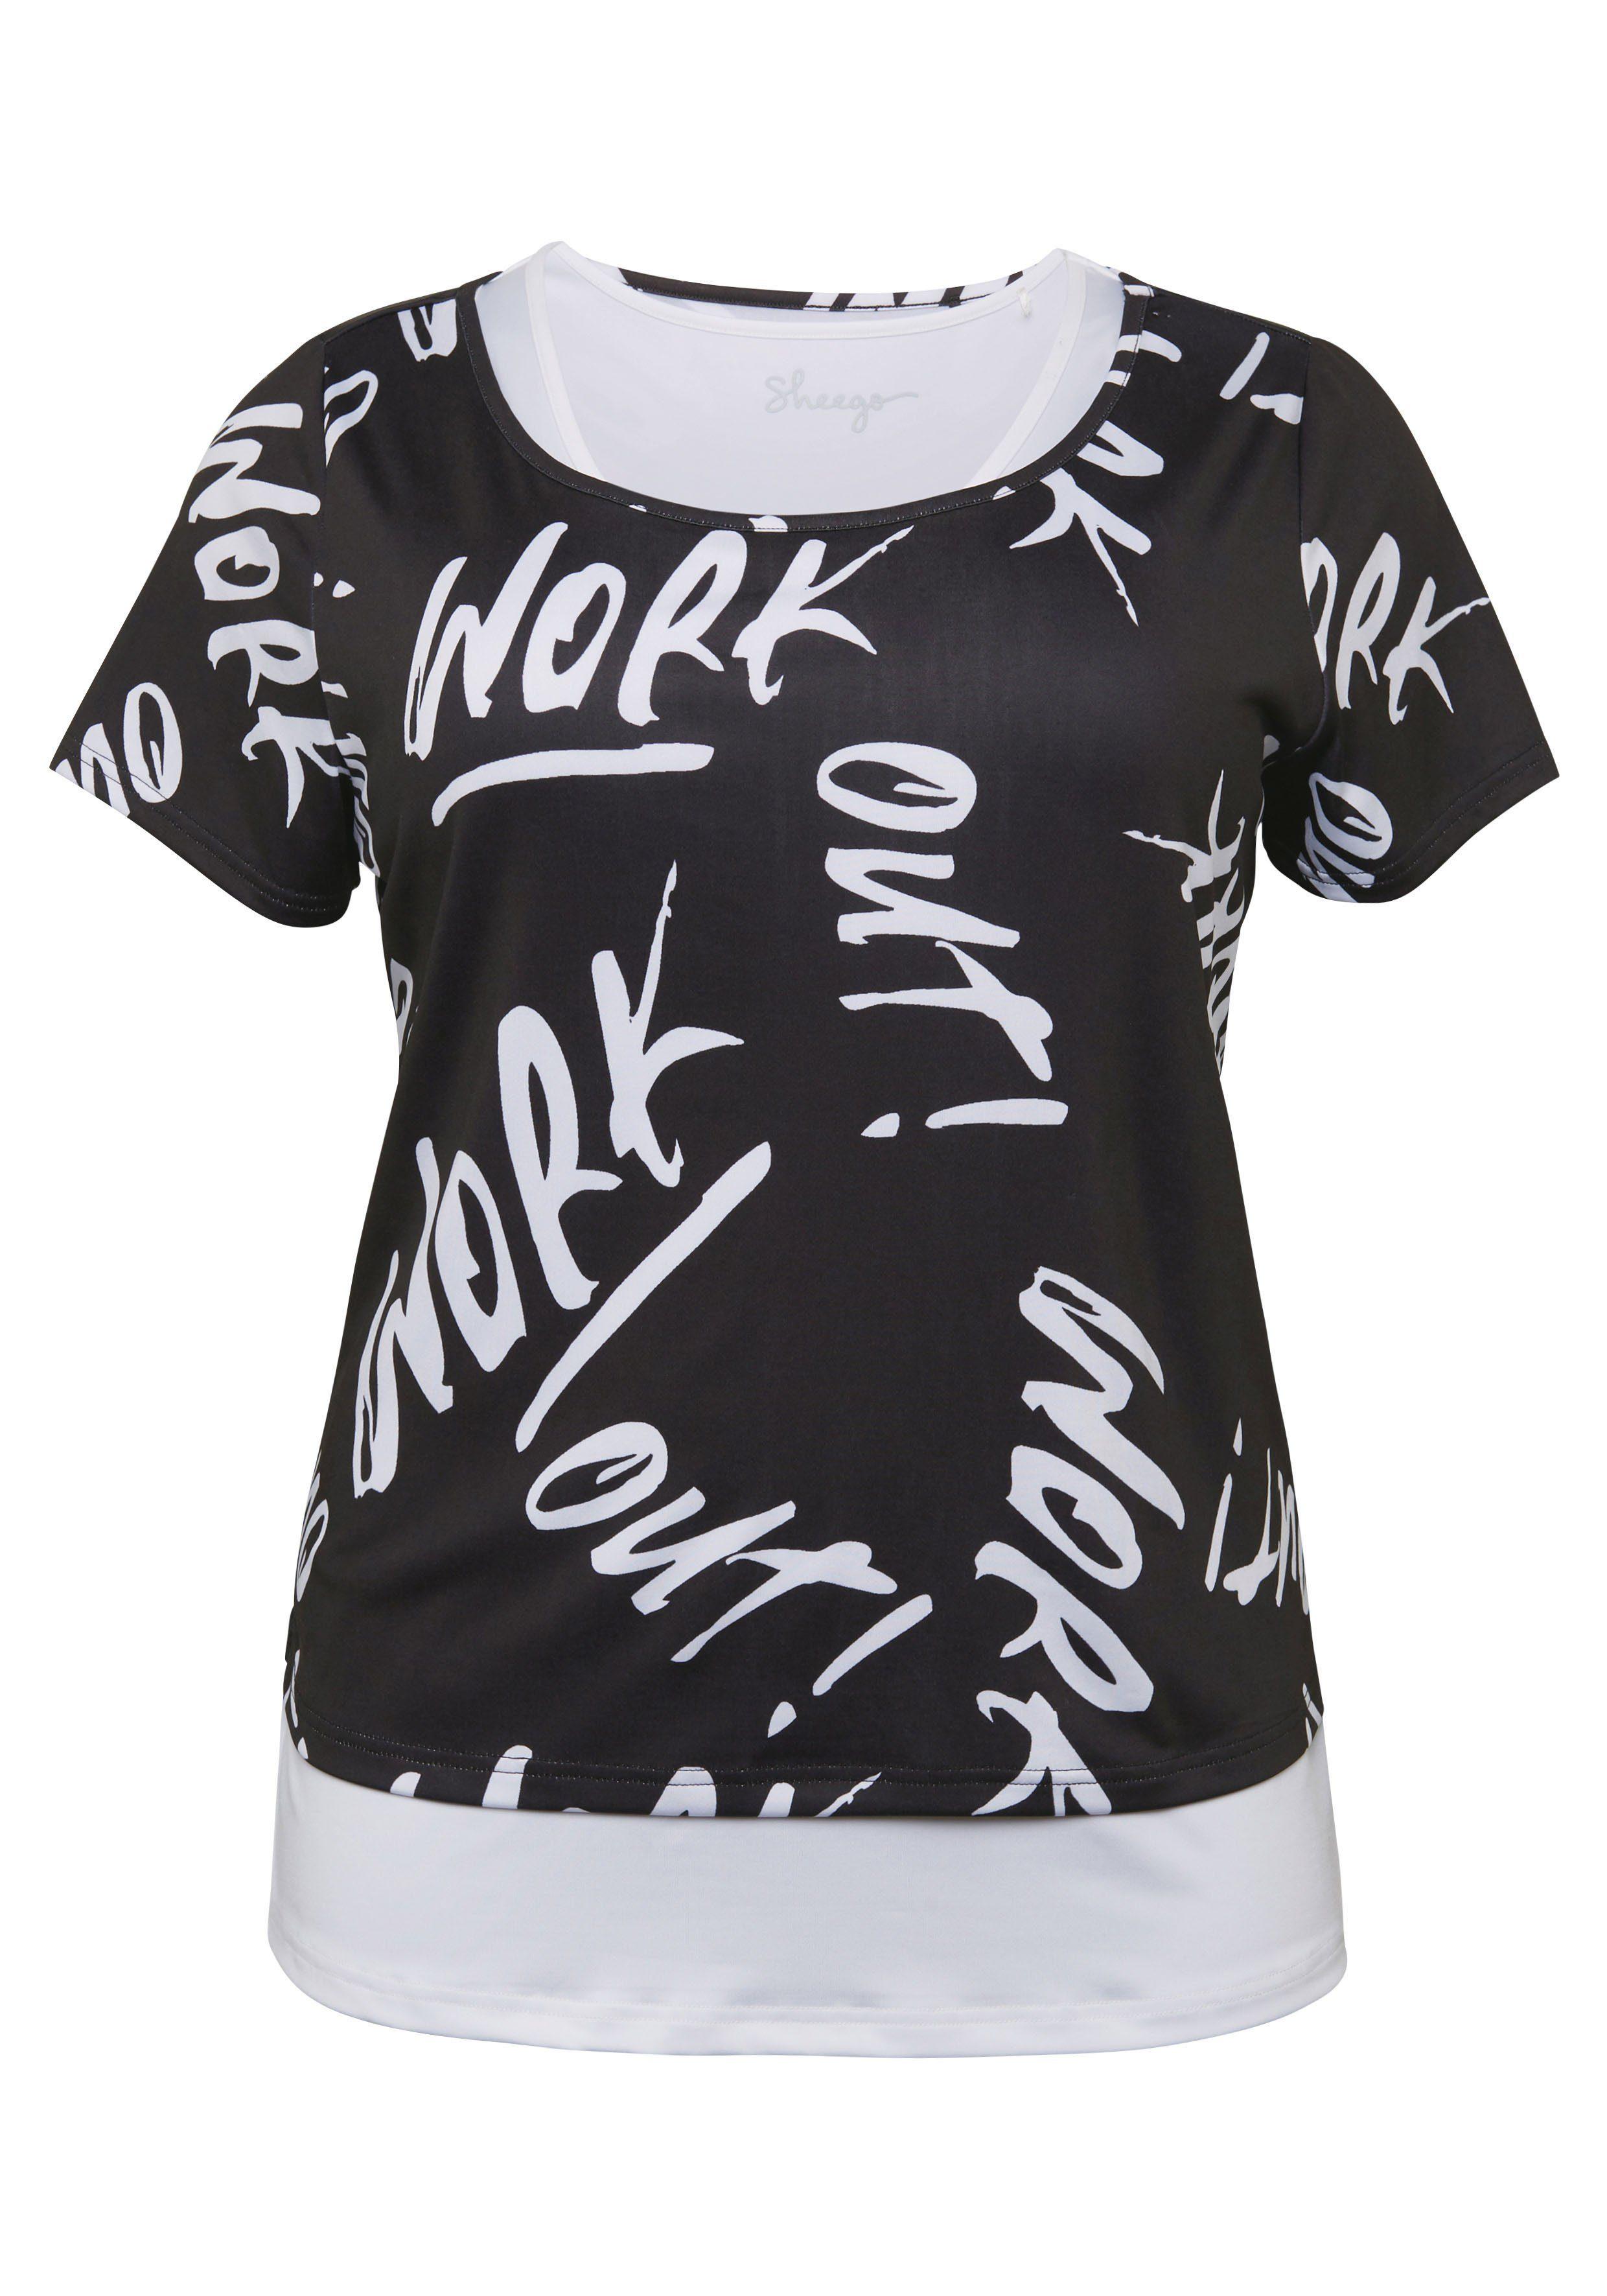 Sheego T-Shirt und Top im Set, Shirt in figurumspielender Form